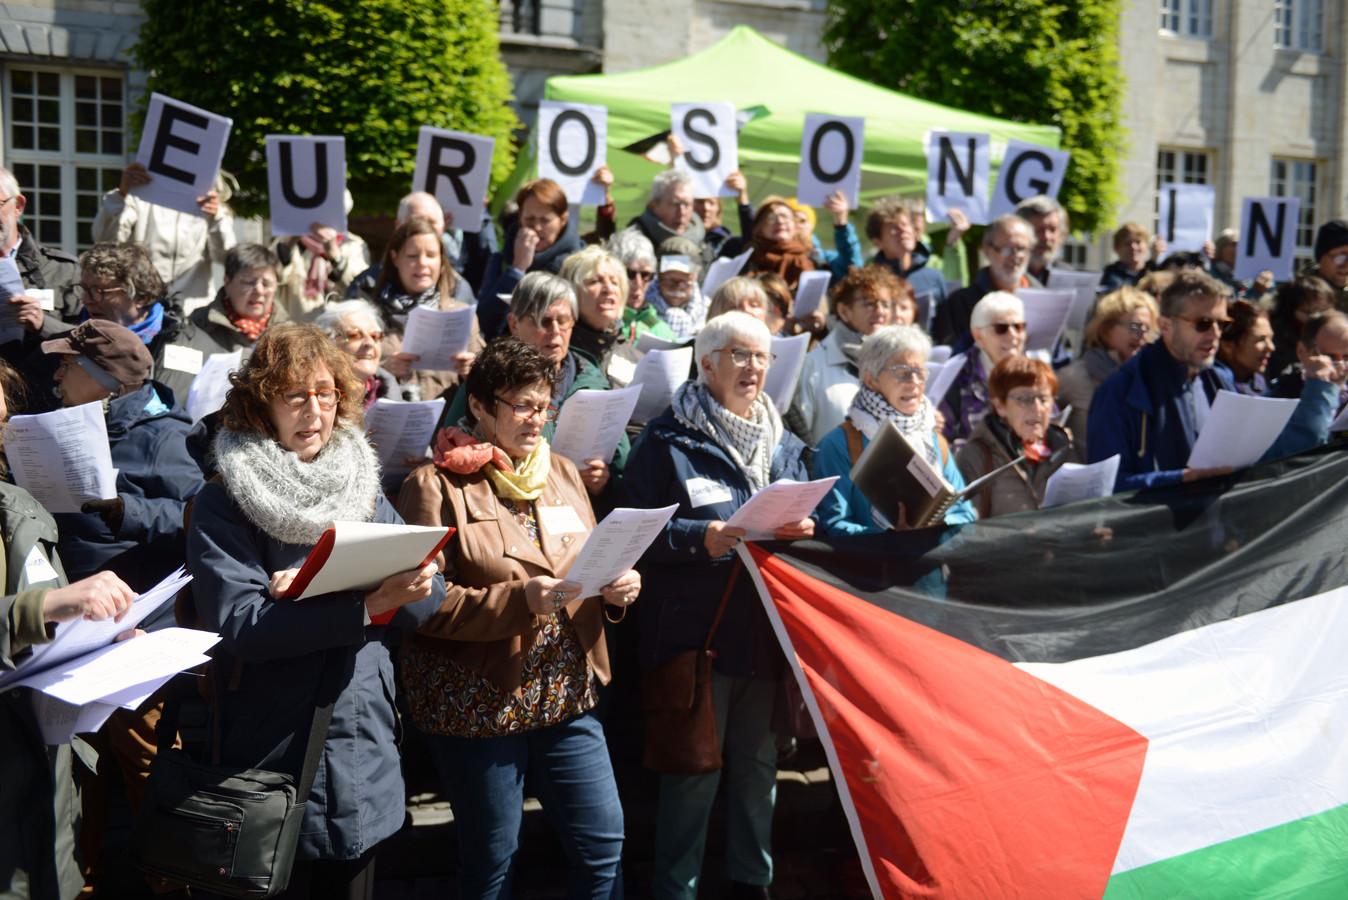 Terwijl in Israël de voorbereidingen worden getroffen voor het Eurovisiesongfestival roept de Leuvense Actiegroep Palestina (LAP) op om een eigen Eurosong te zingen voor Palestina.